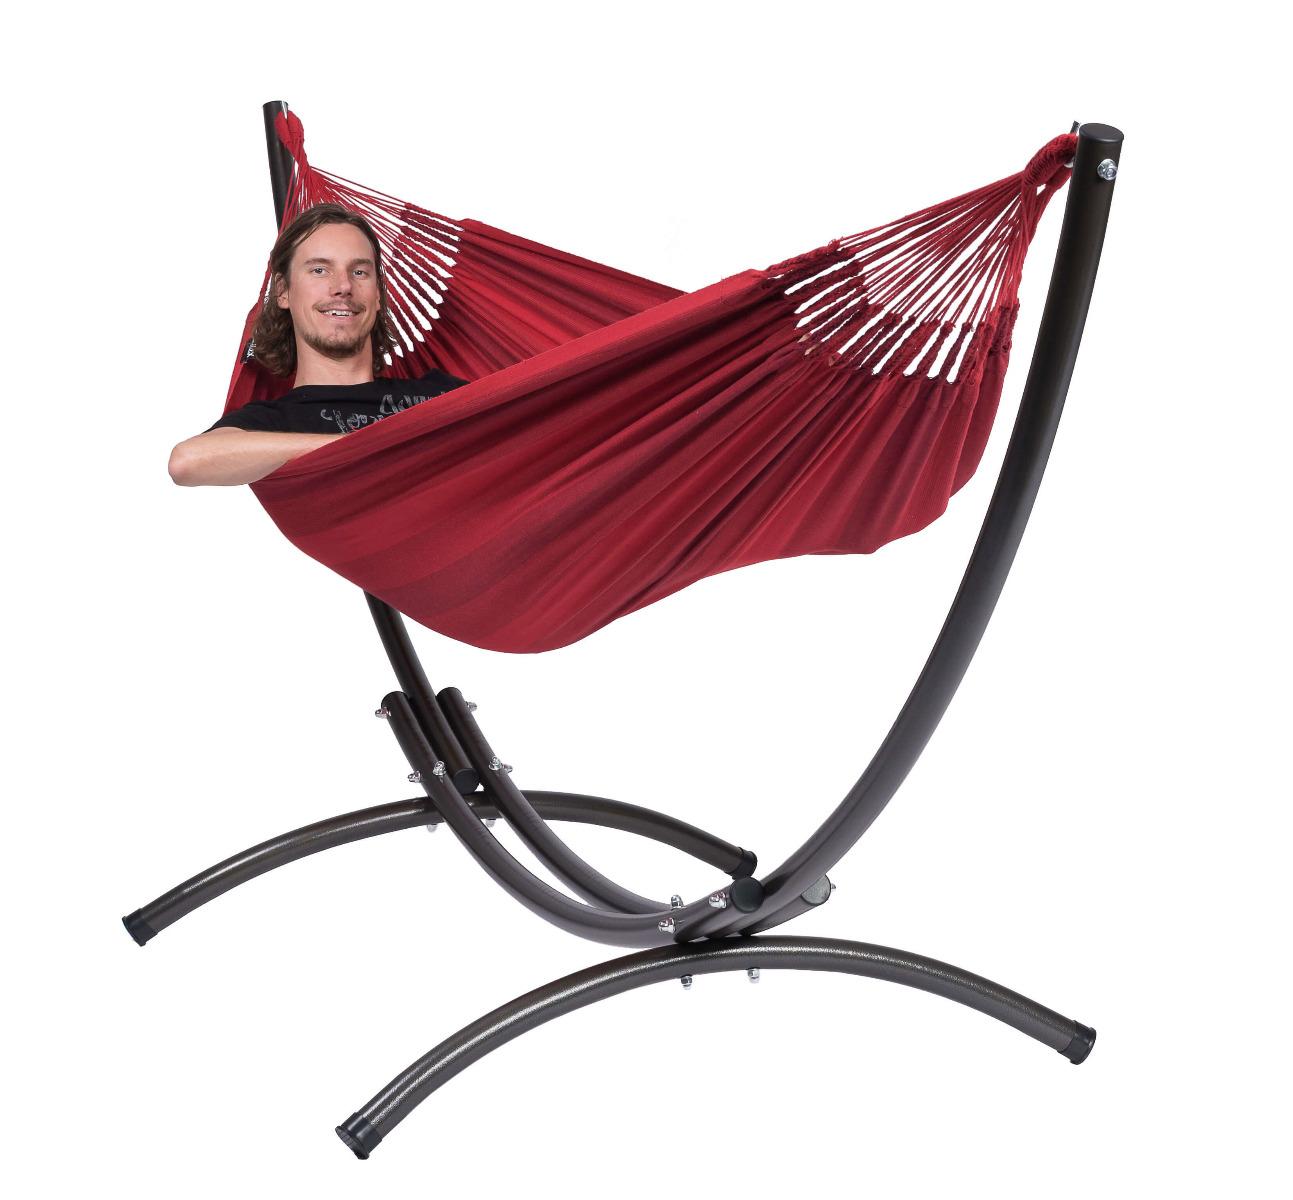 'Dream' Red E�npersoons Hangmat - Rood - Tropilex �